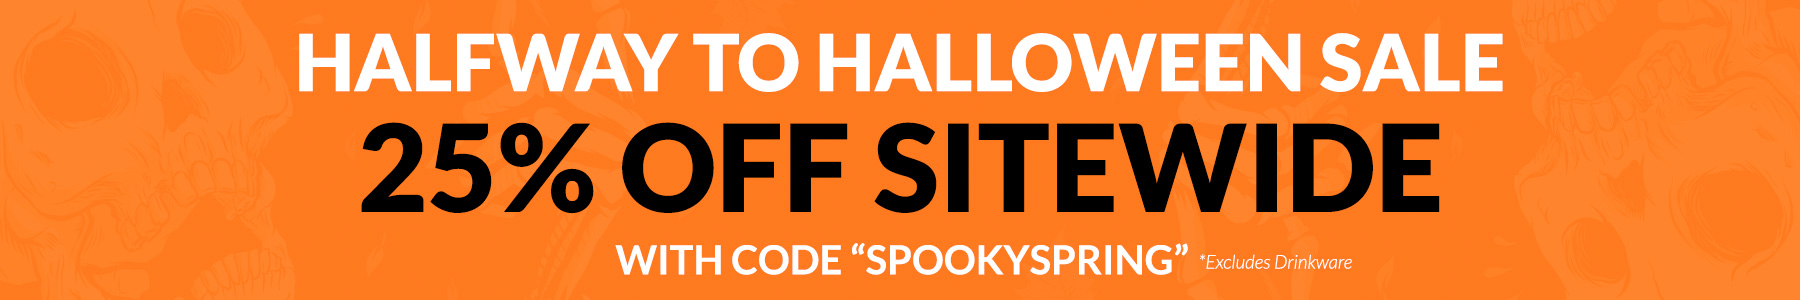 Halfway to Halloween Sale